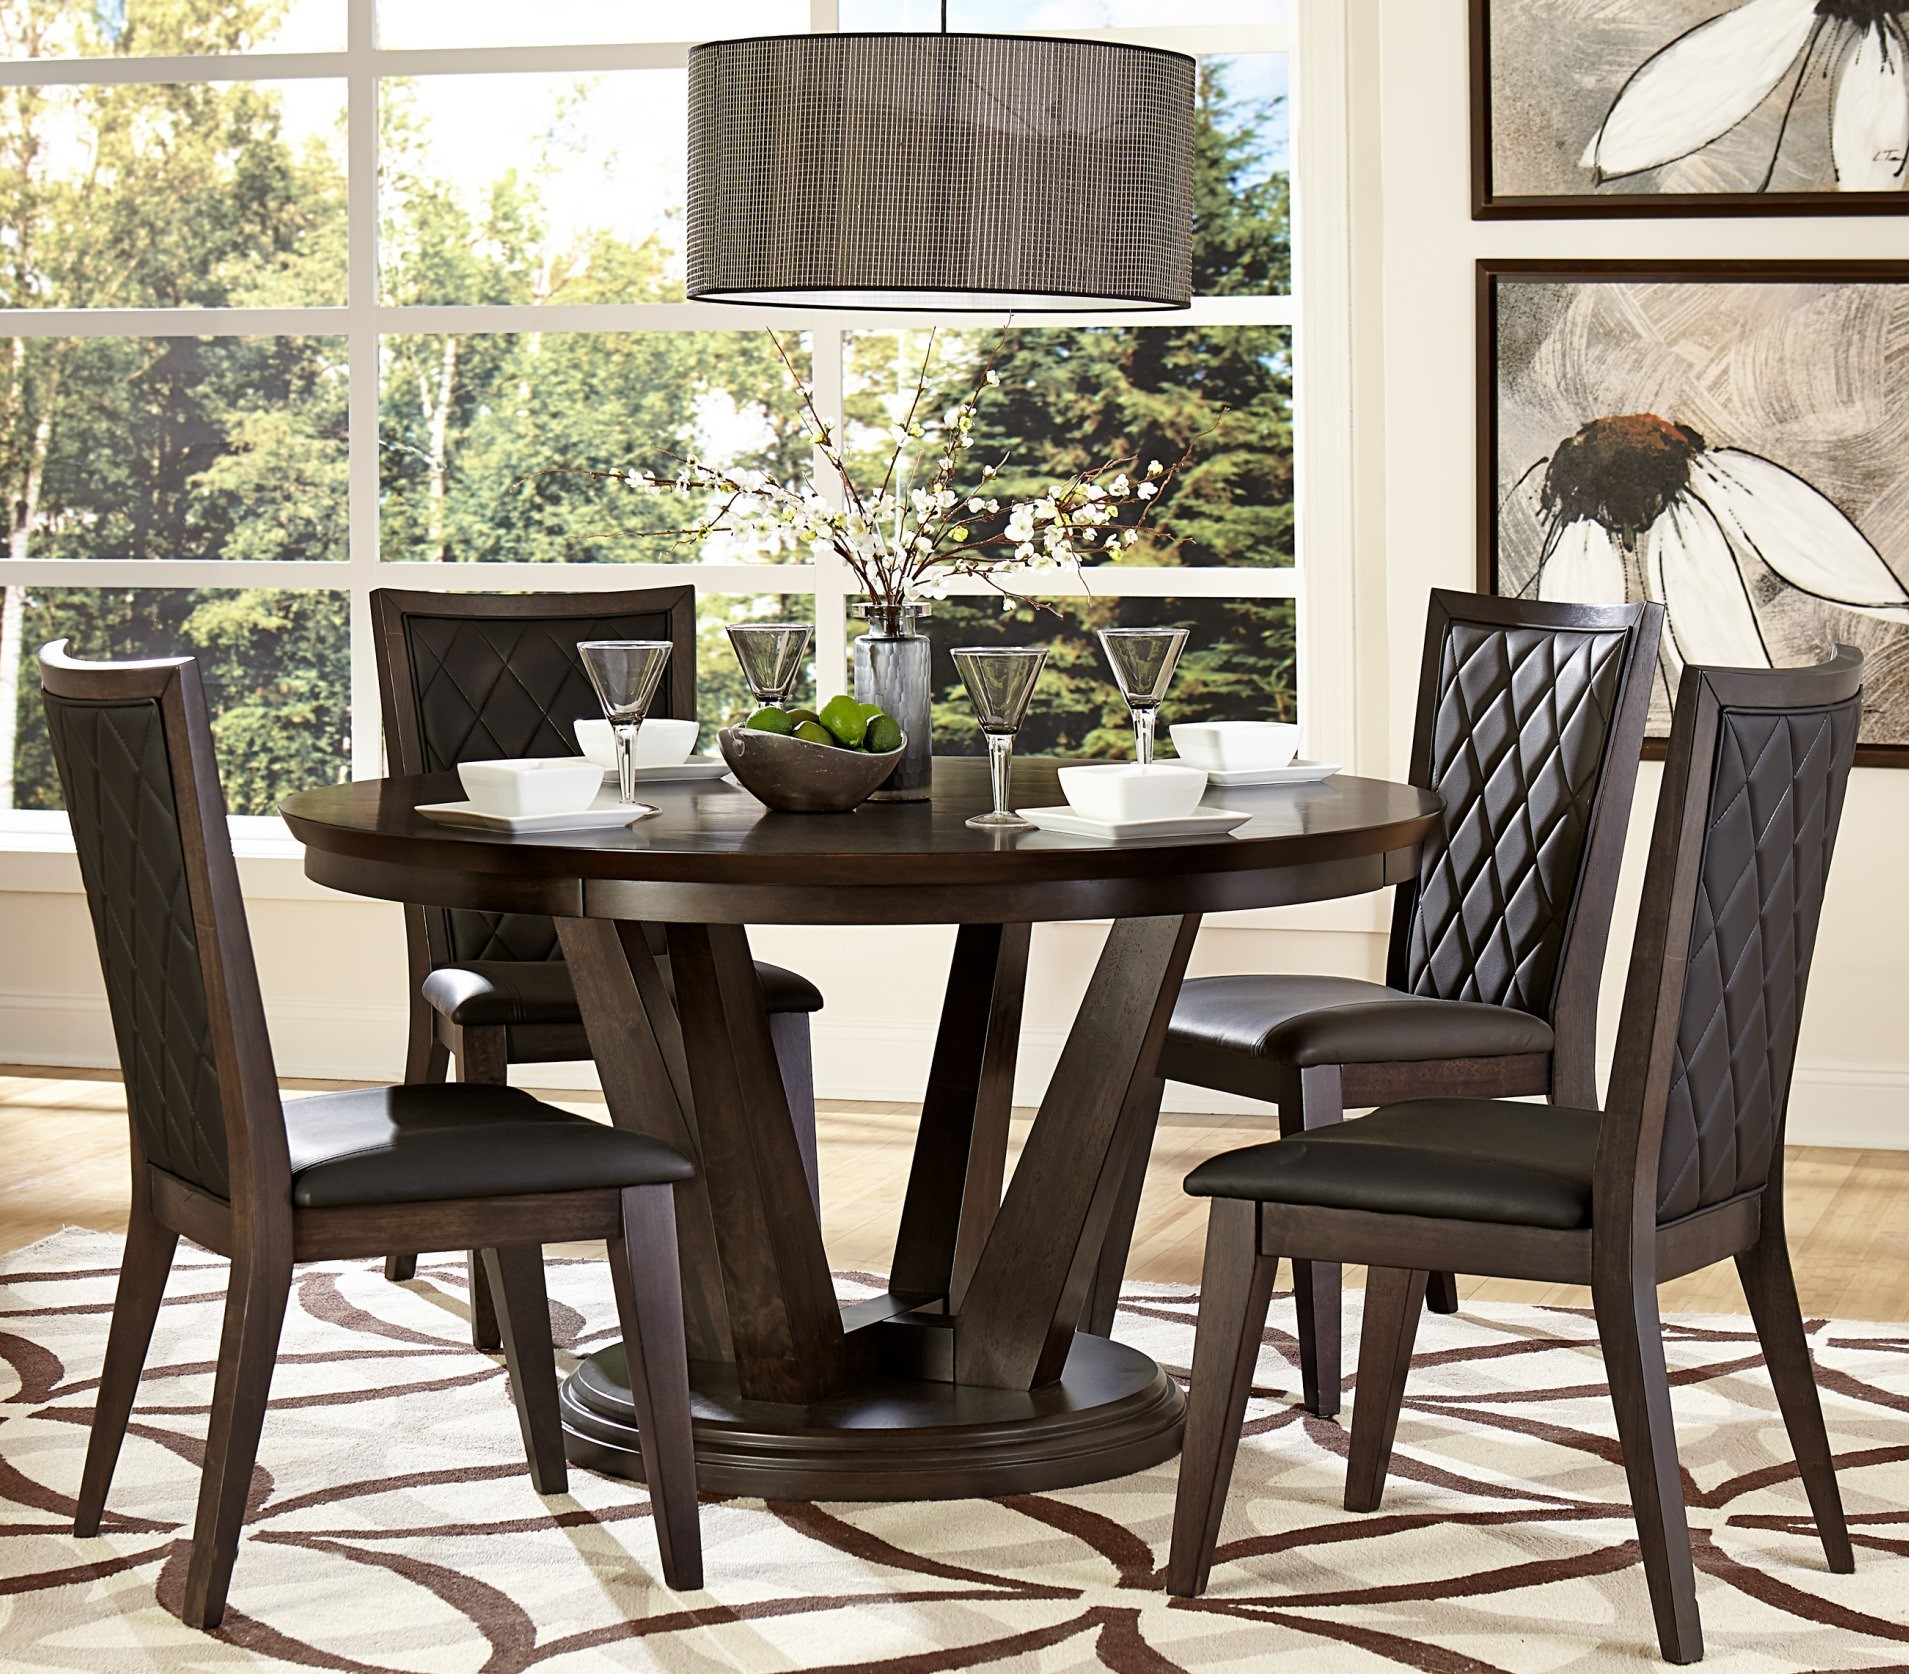 villa vista dark walnut round dining room set from homelegance 5157